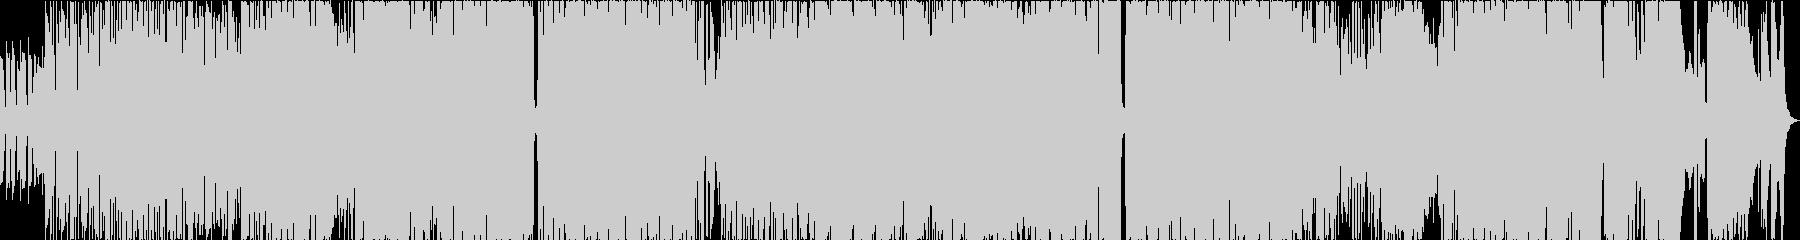 ジャジーでミステリアスなスイングソングの未再生の波形